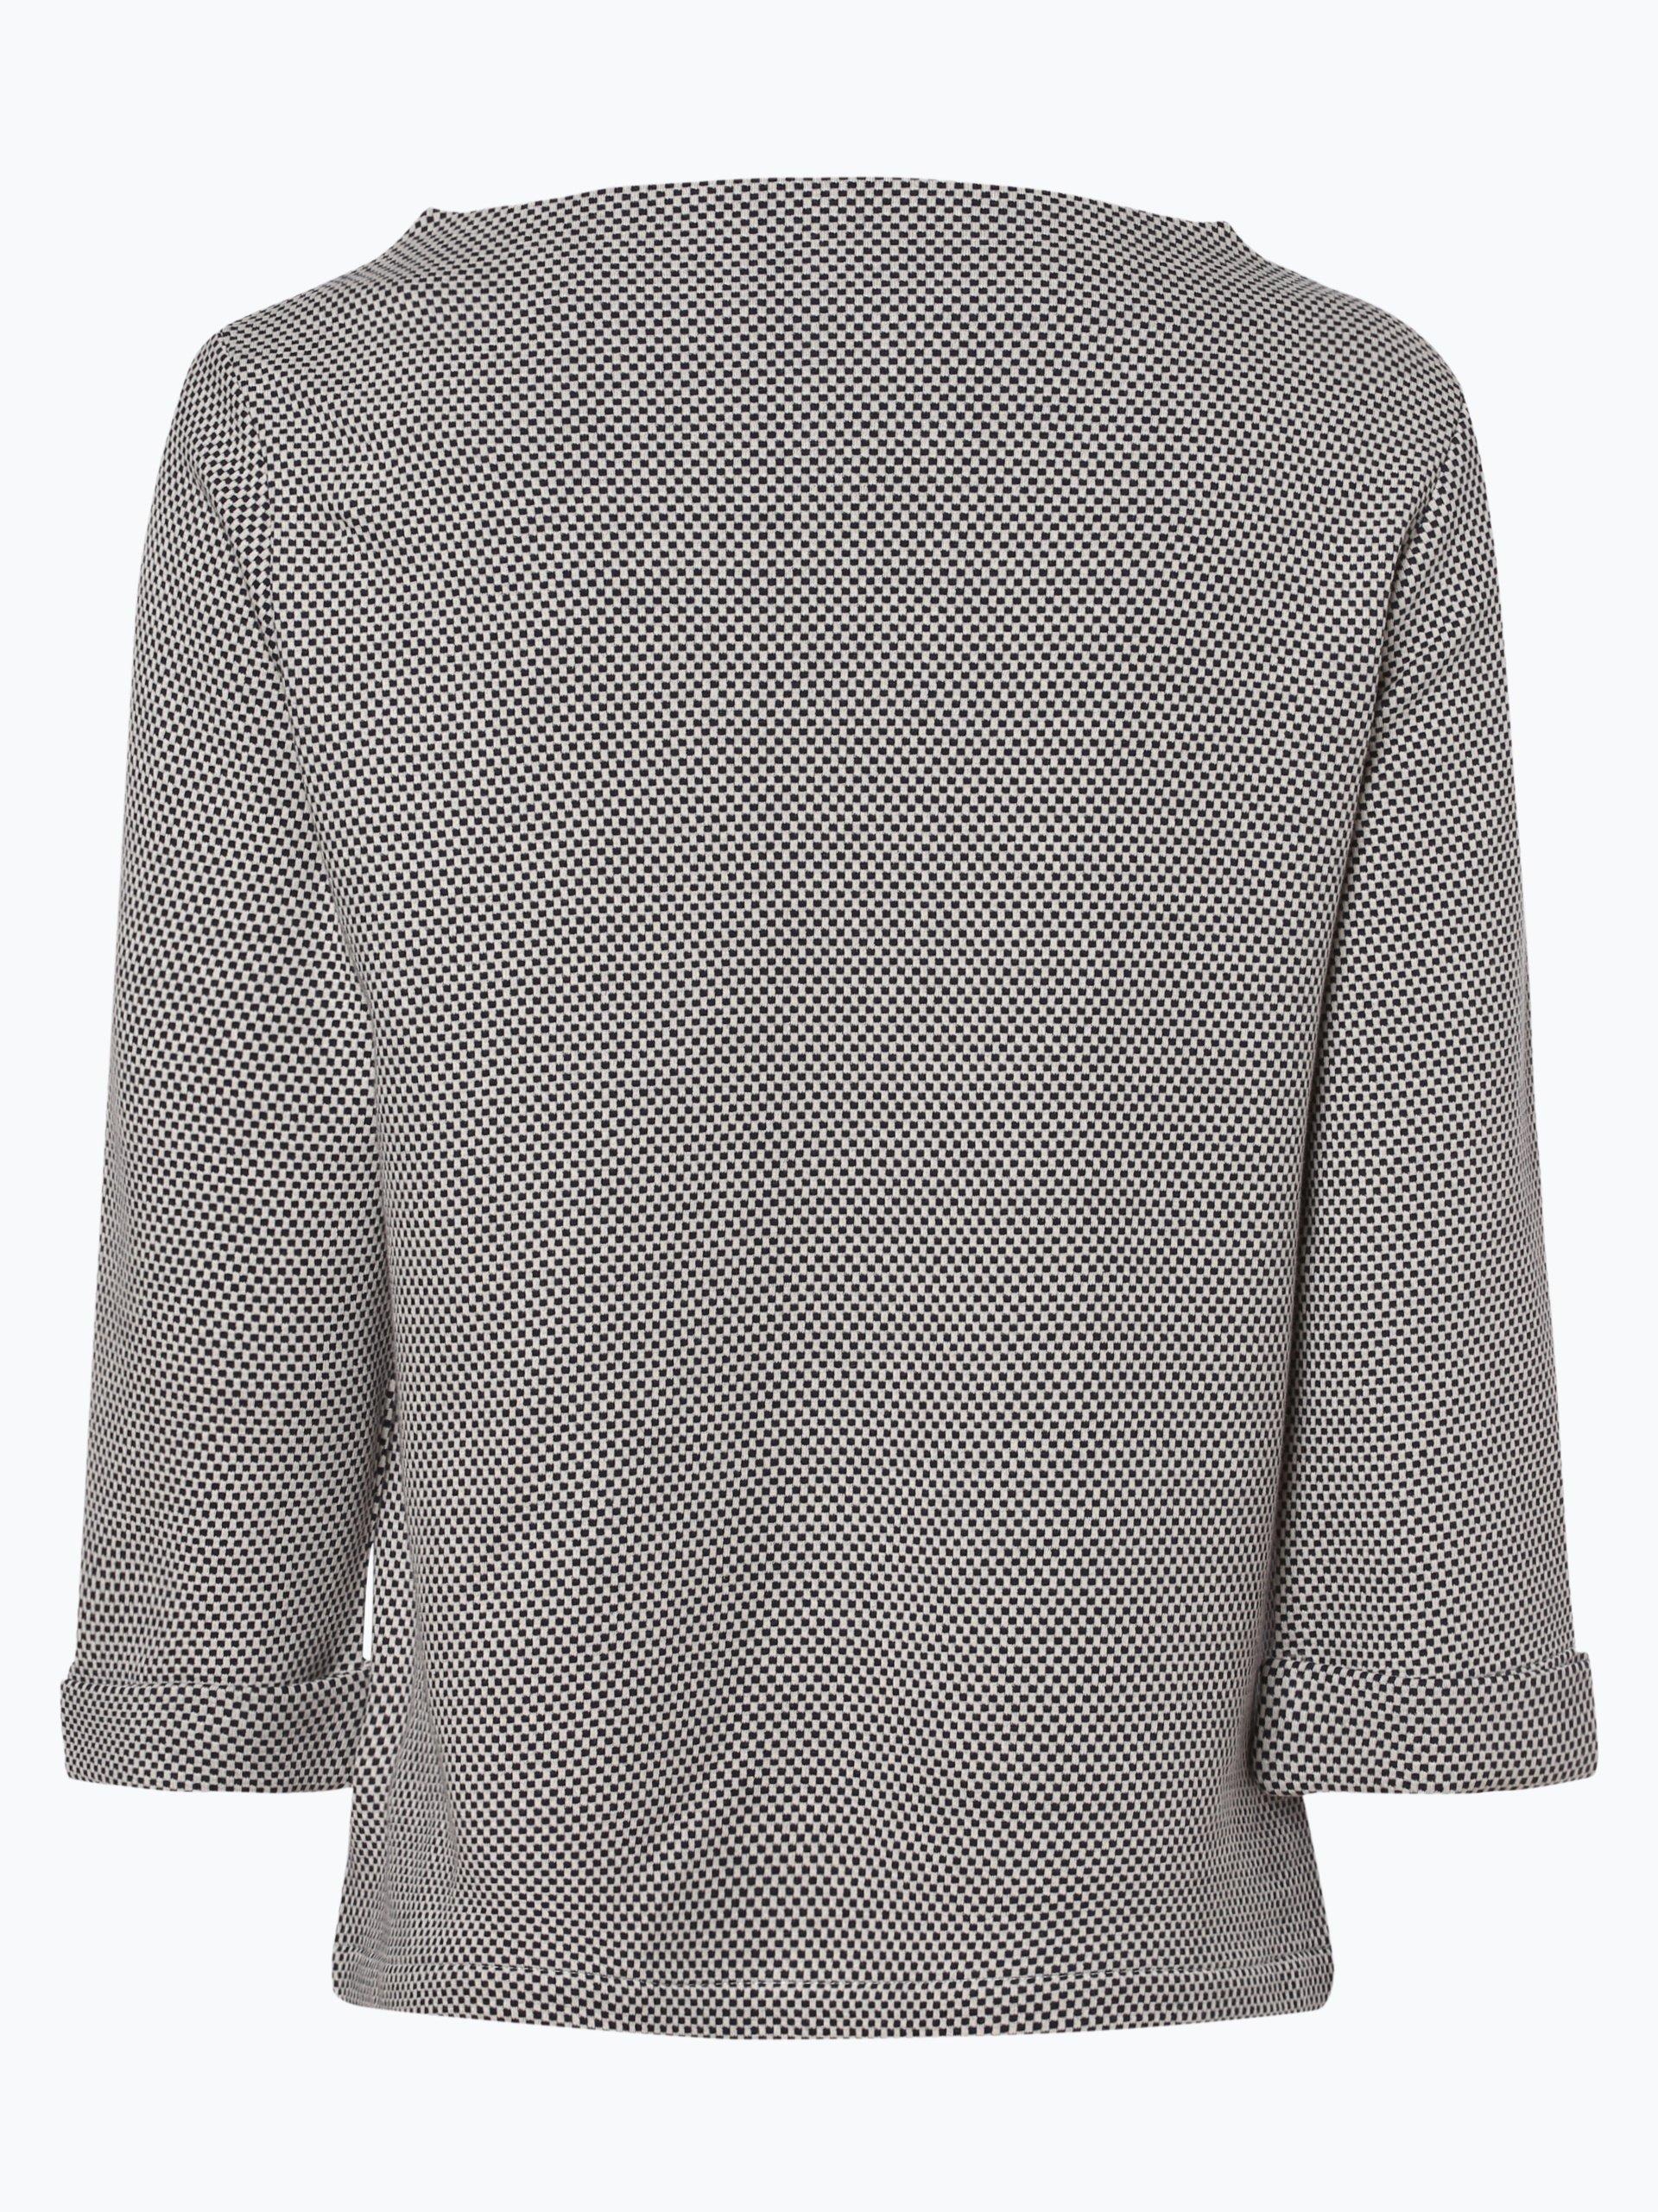 Franco Callegari Damen Sweatshirt